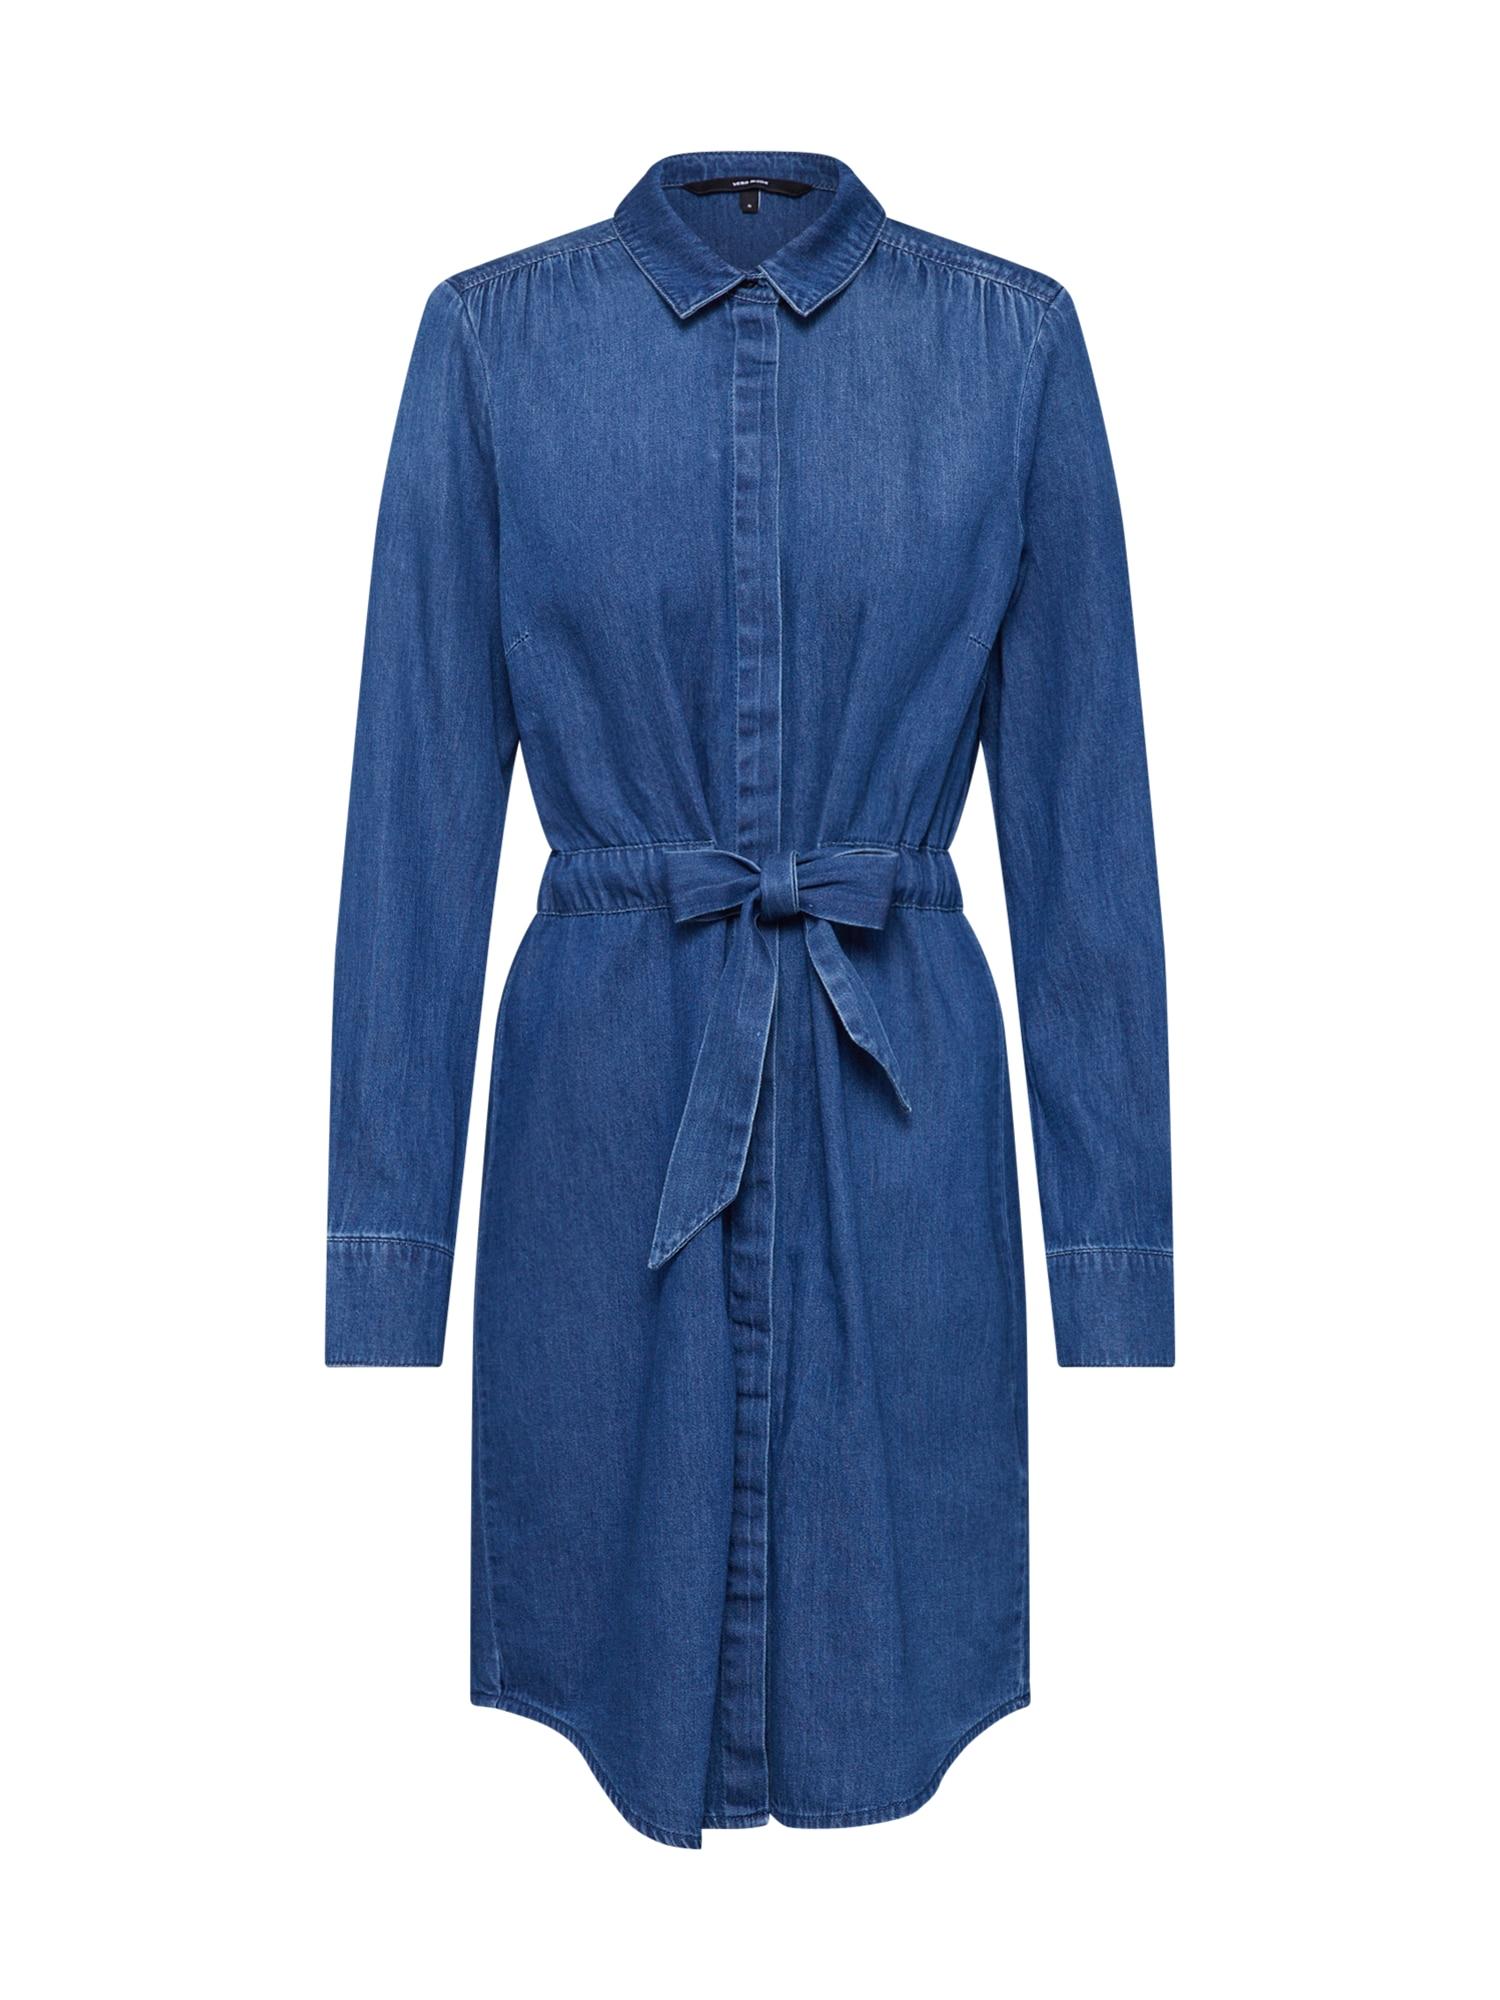 VERO MODA Palaidinės tipo suknelė 'RACHEL' tamsiai (džinso) mėlyna